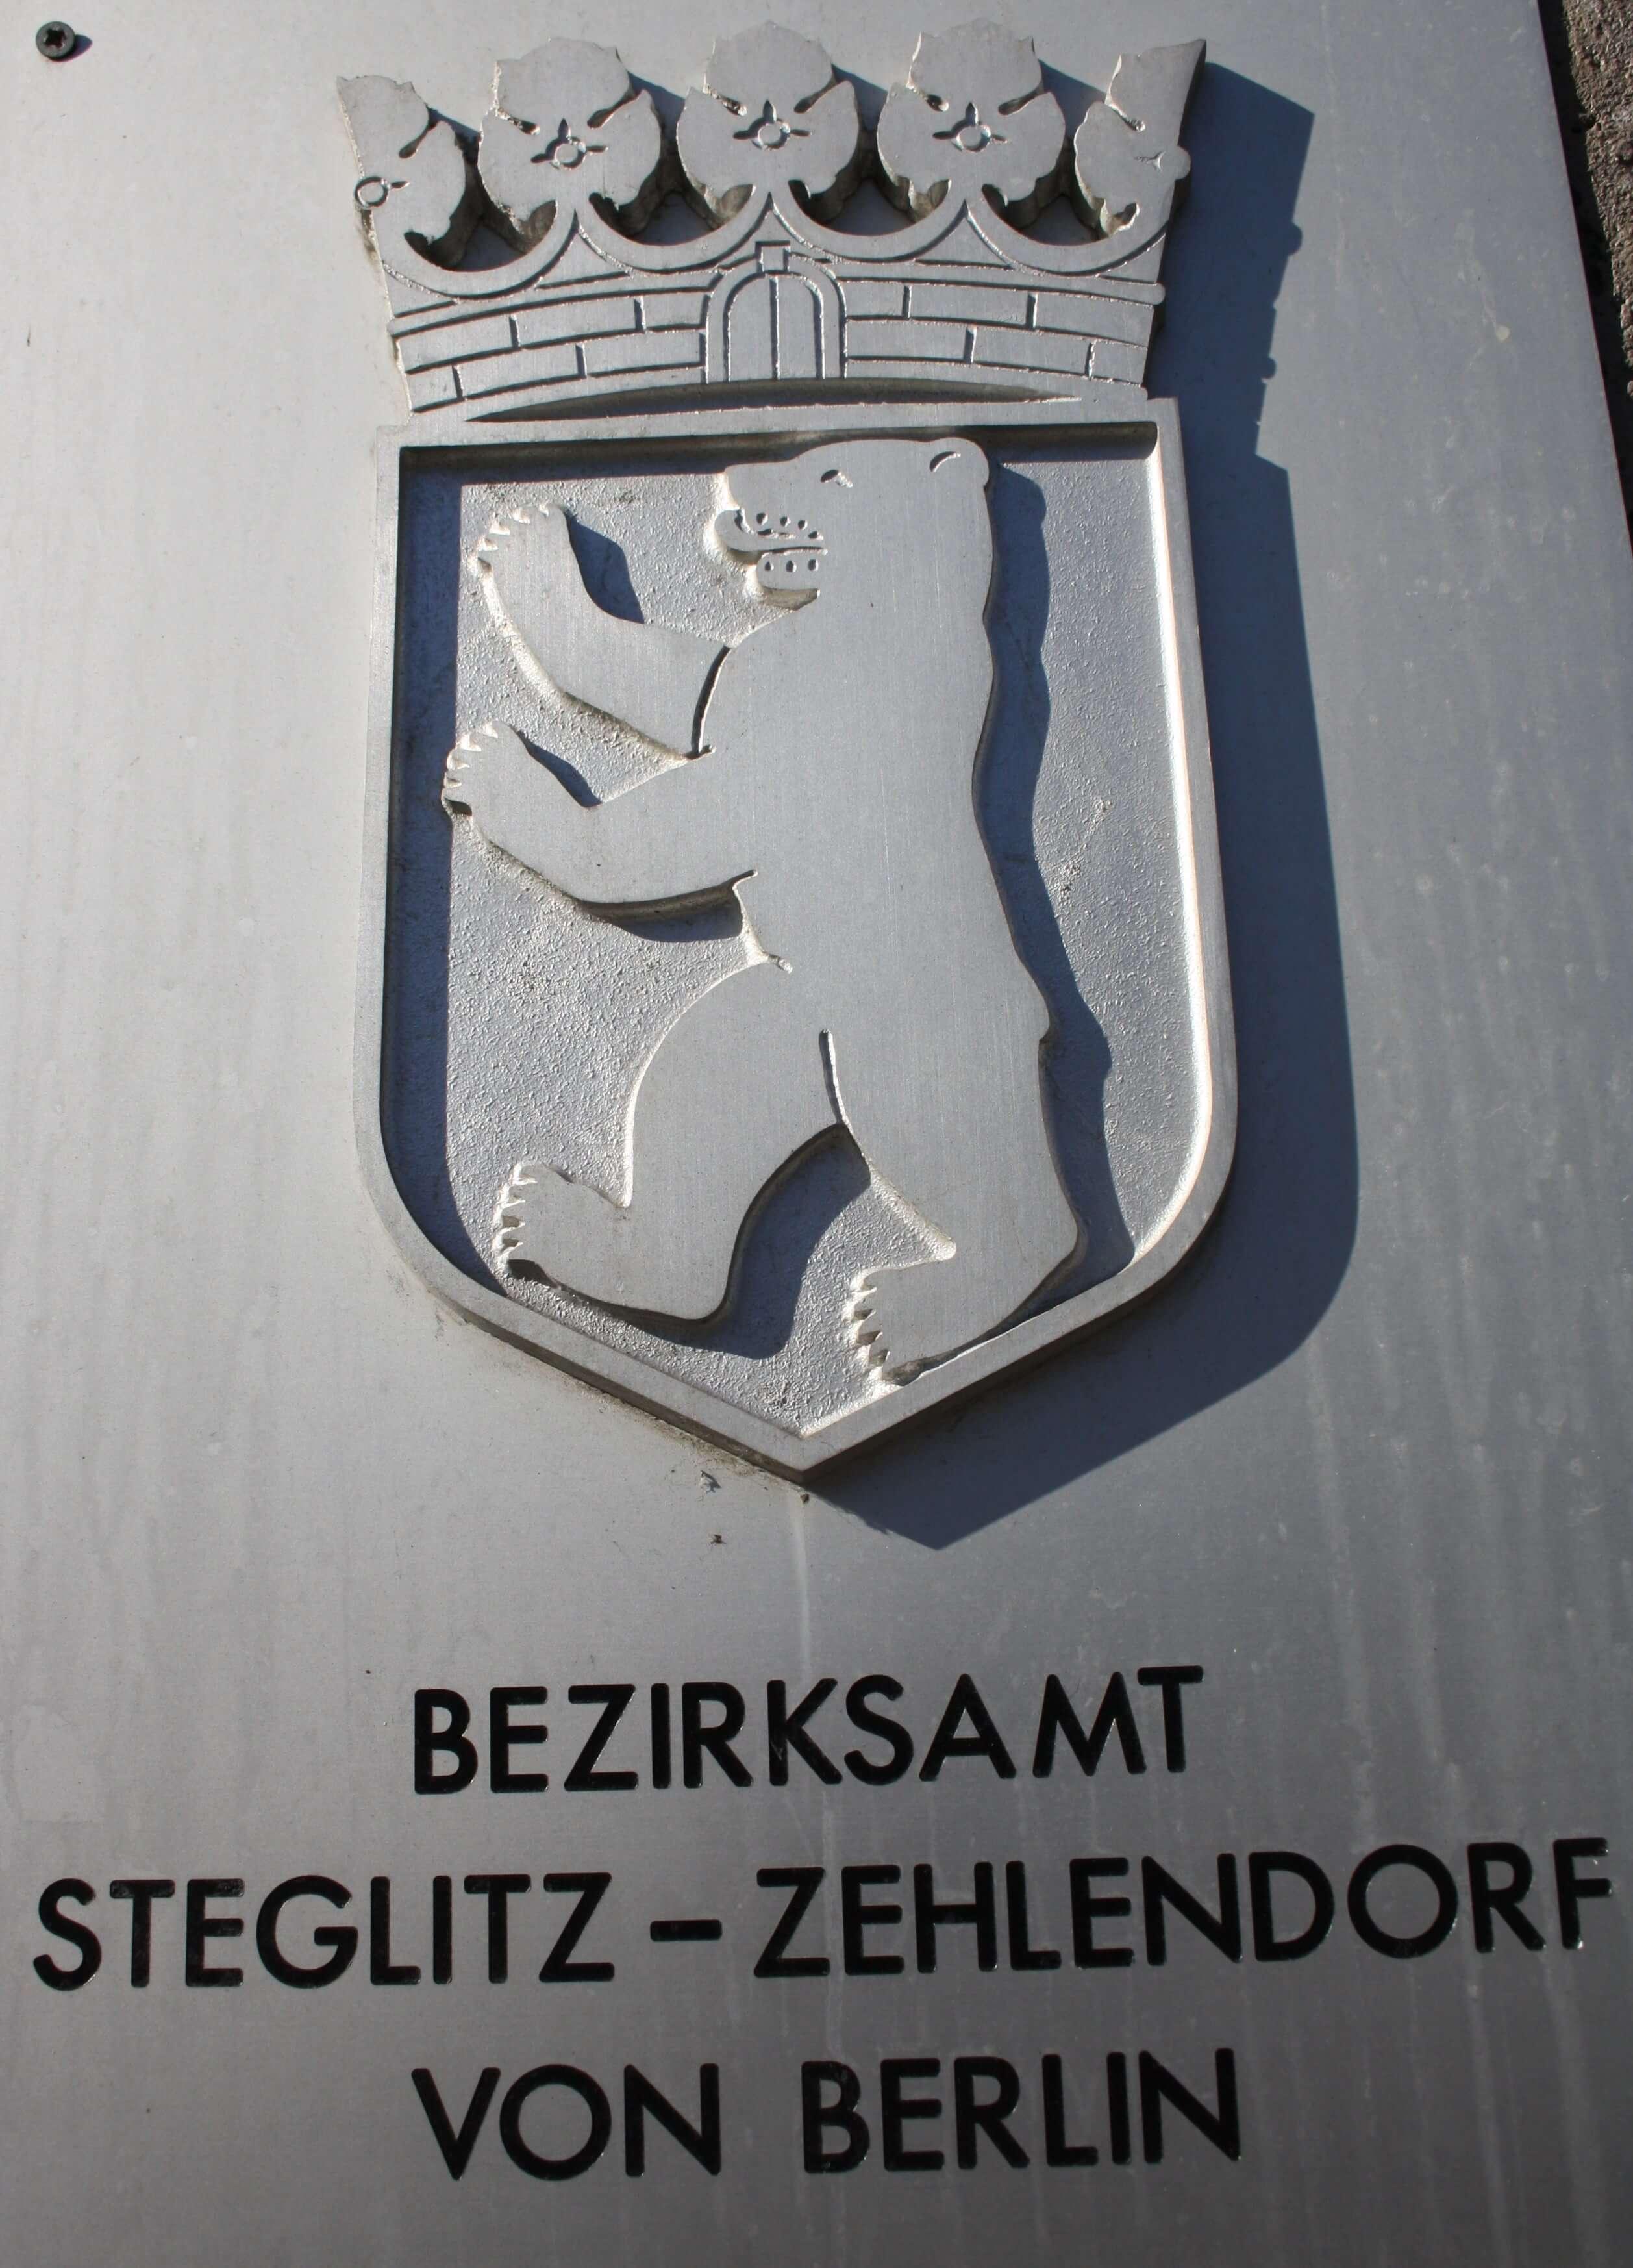 Bezirksamt Steglitz-Zehlendorf distanziert sich von polnischer Partnerstadt Poniatowa